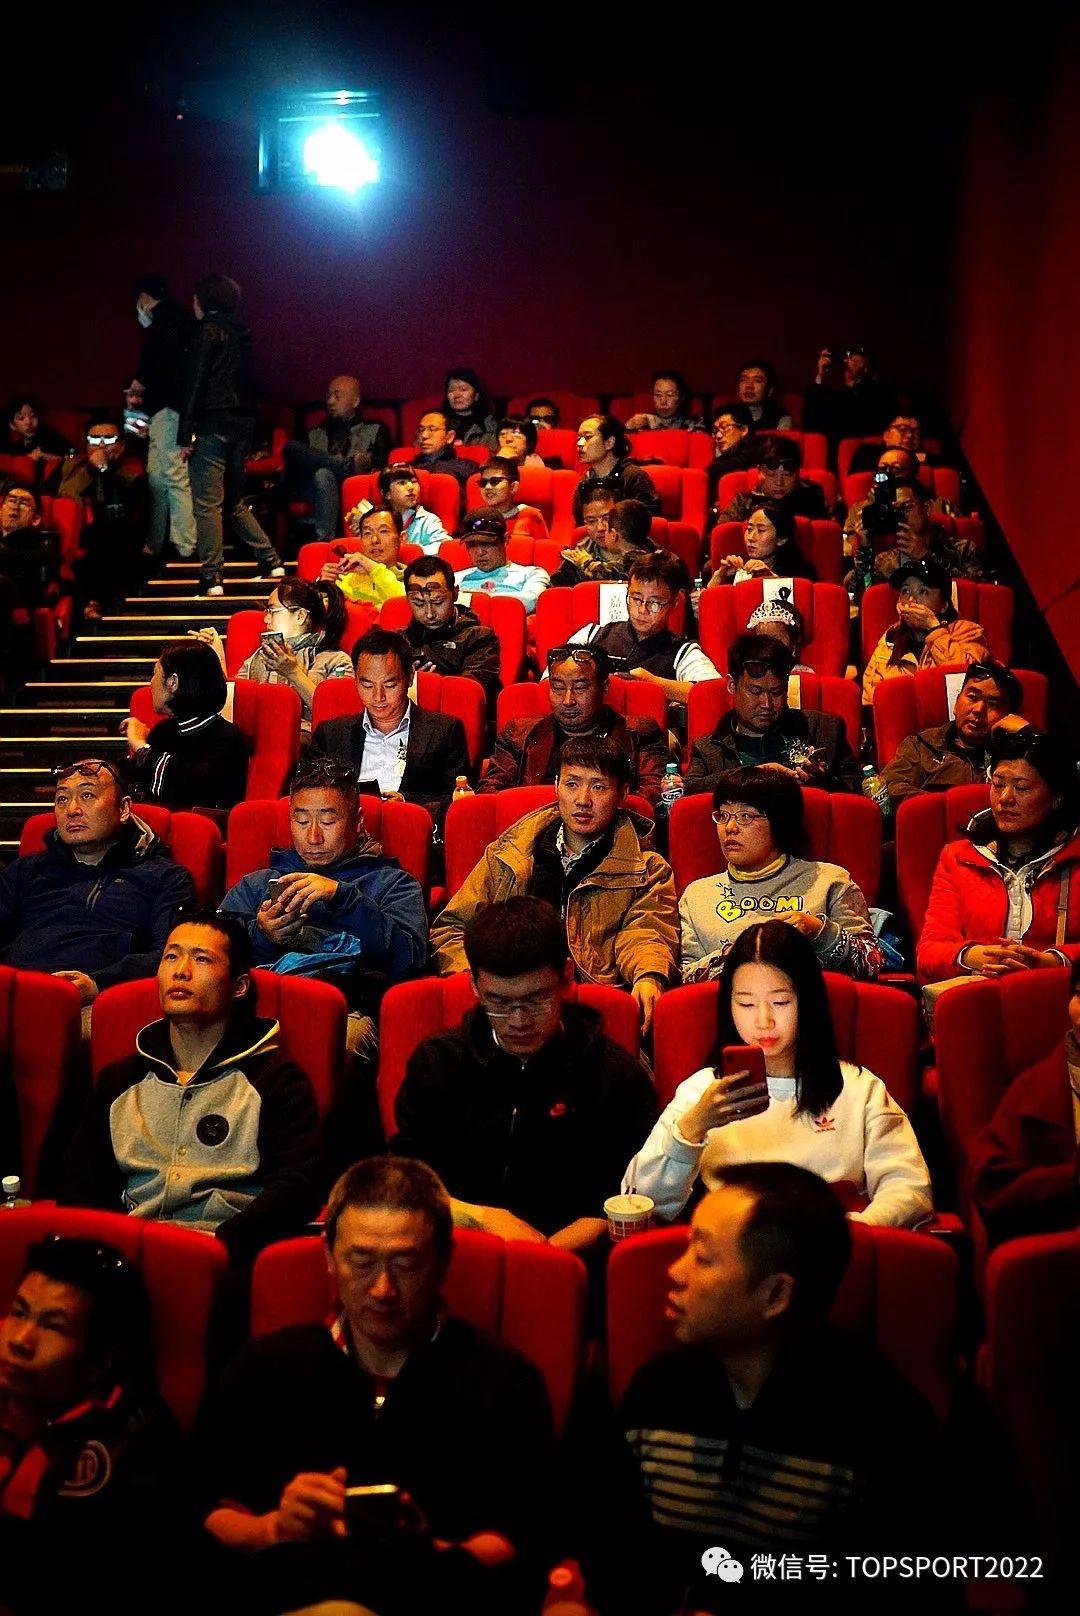 奥运珠峰火炬手北京再相聚登山纪录电影成热议话题